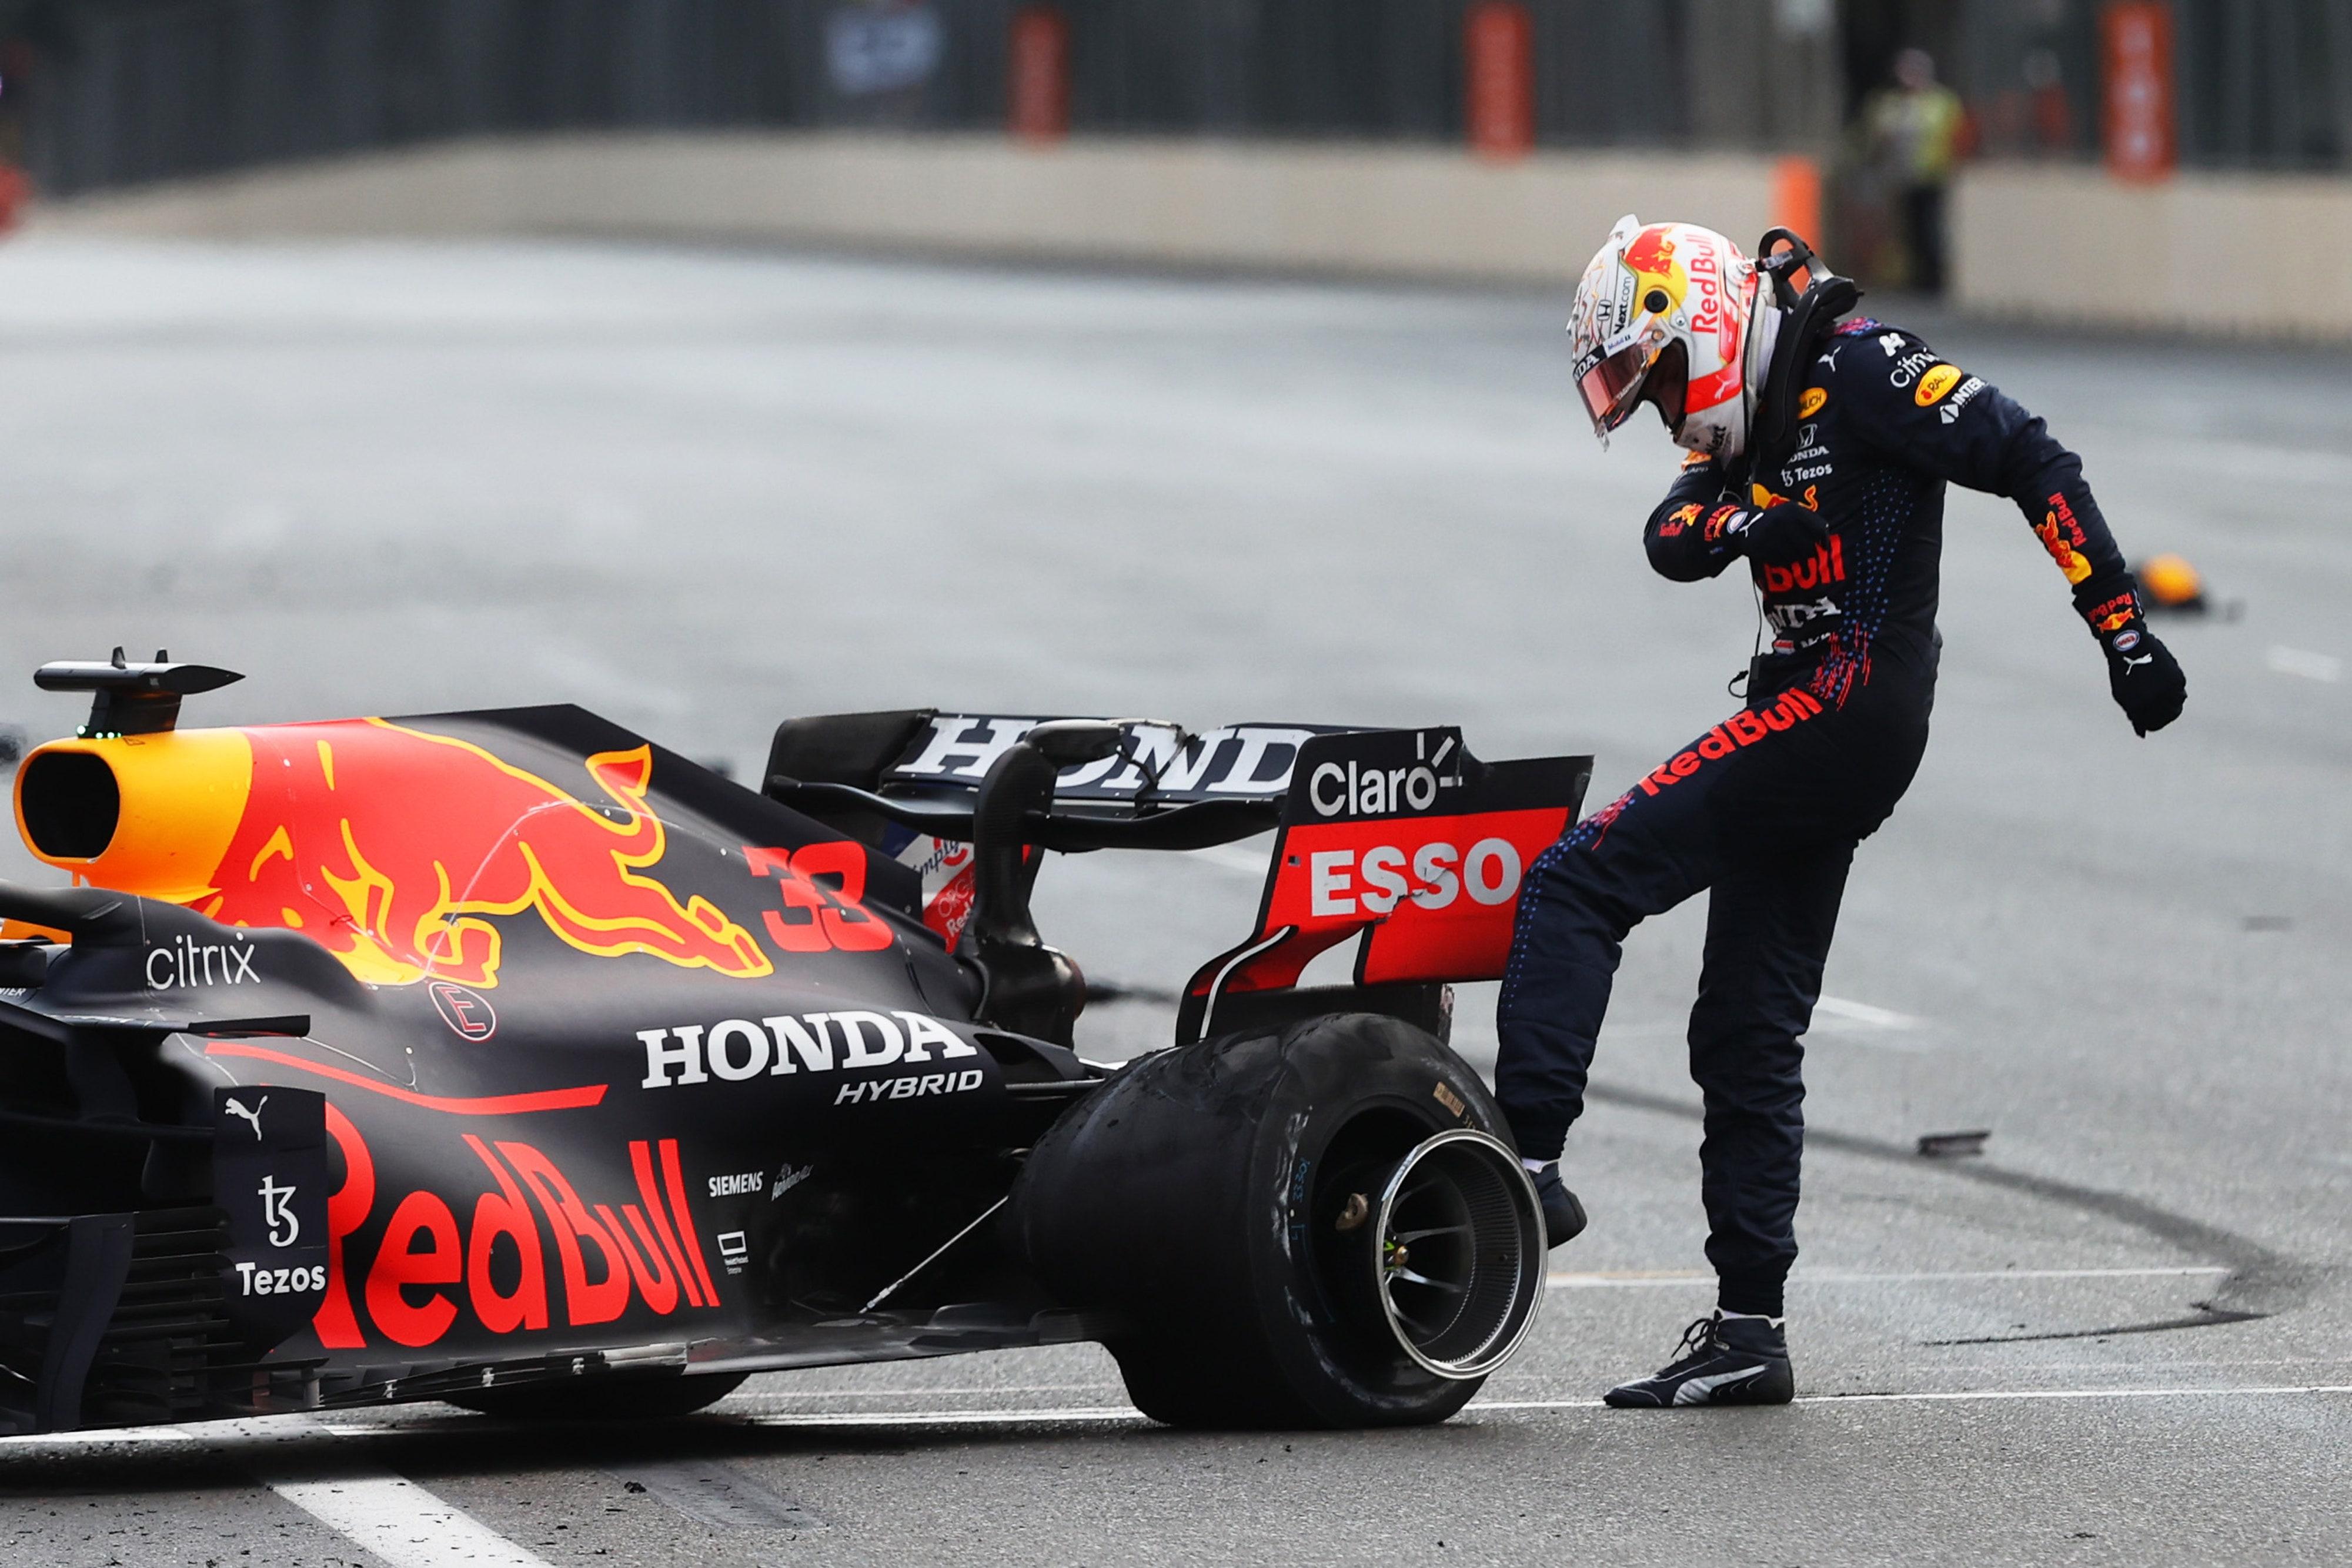 公道コースでメルセデスはなぜ勝てない?──【連載】F1グランプリを読む